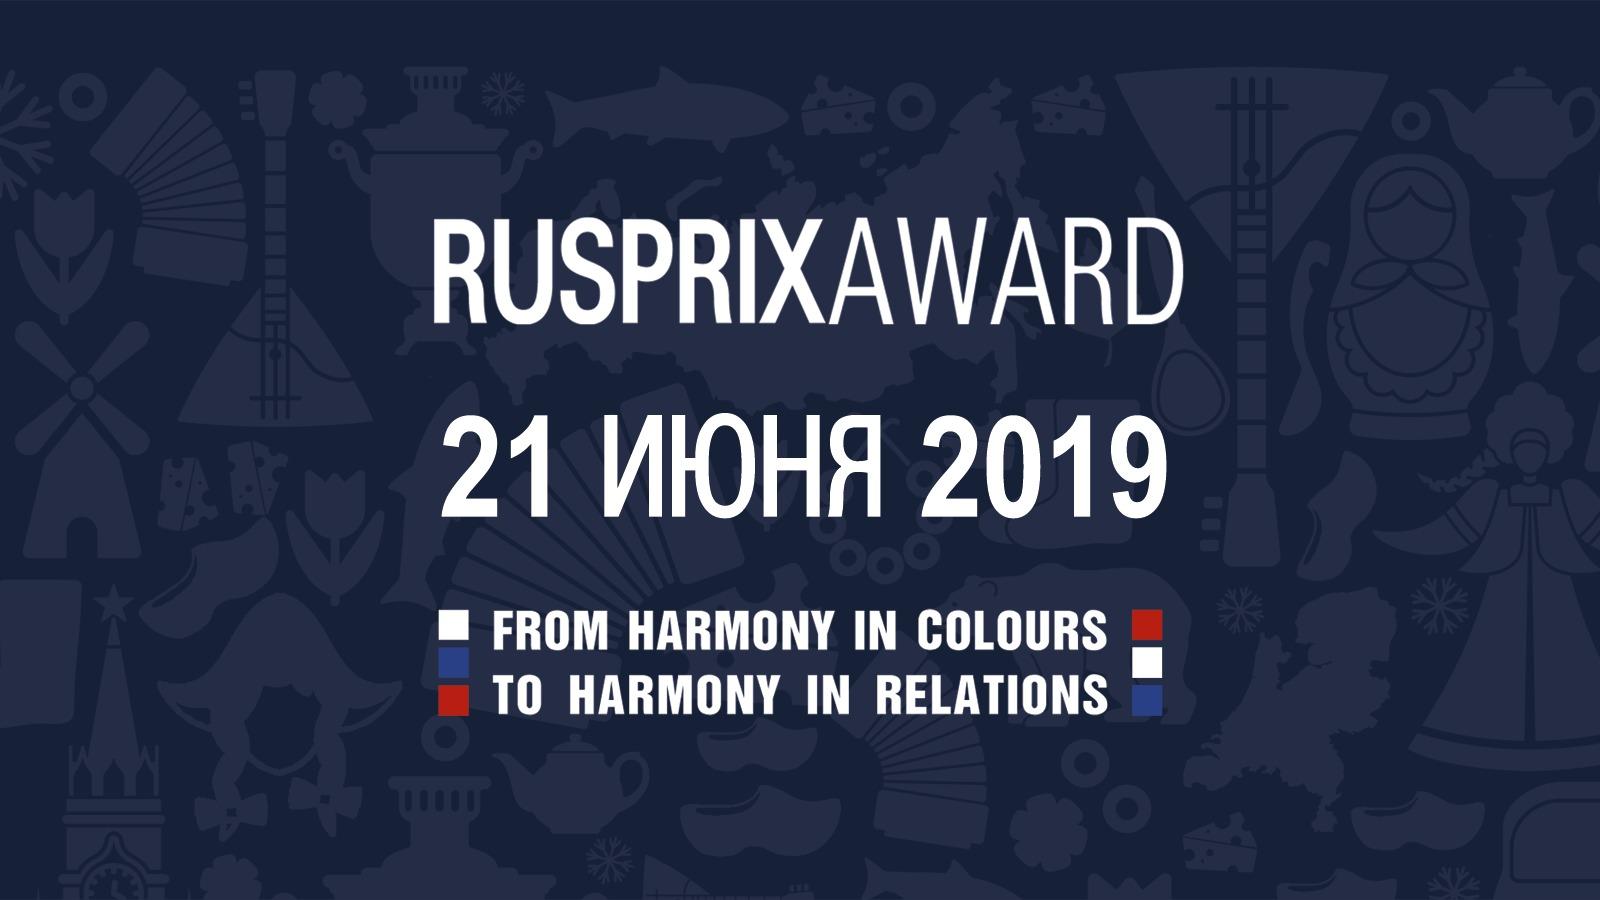 21 июня 2019 года в Нидерландах состоится церемония вручения премии RusPrix